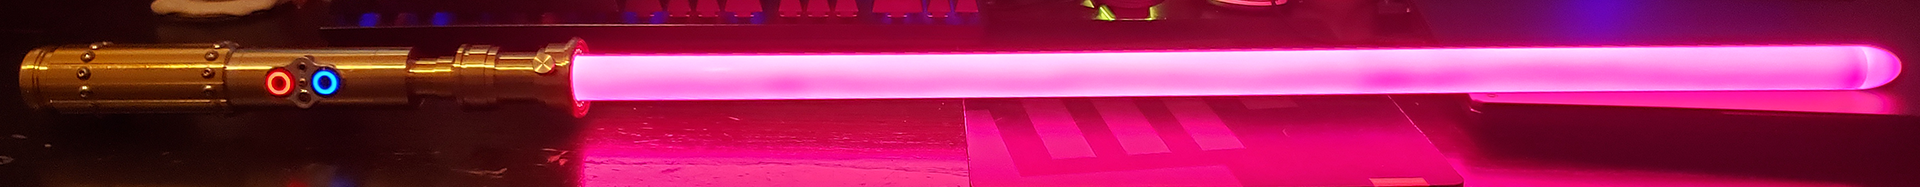 Avenger-Pink